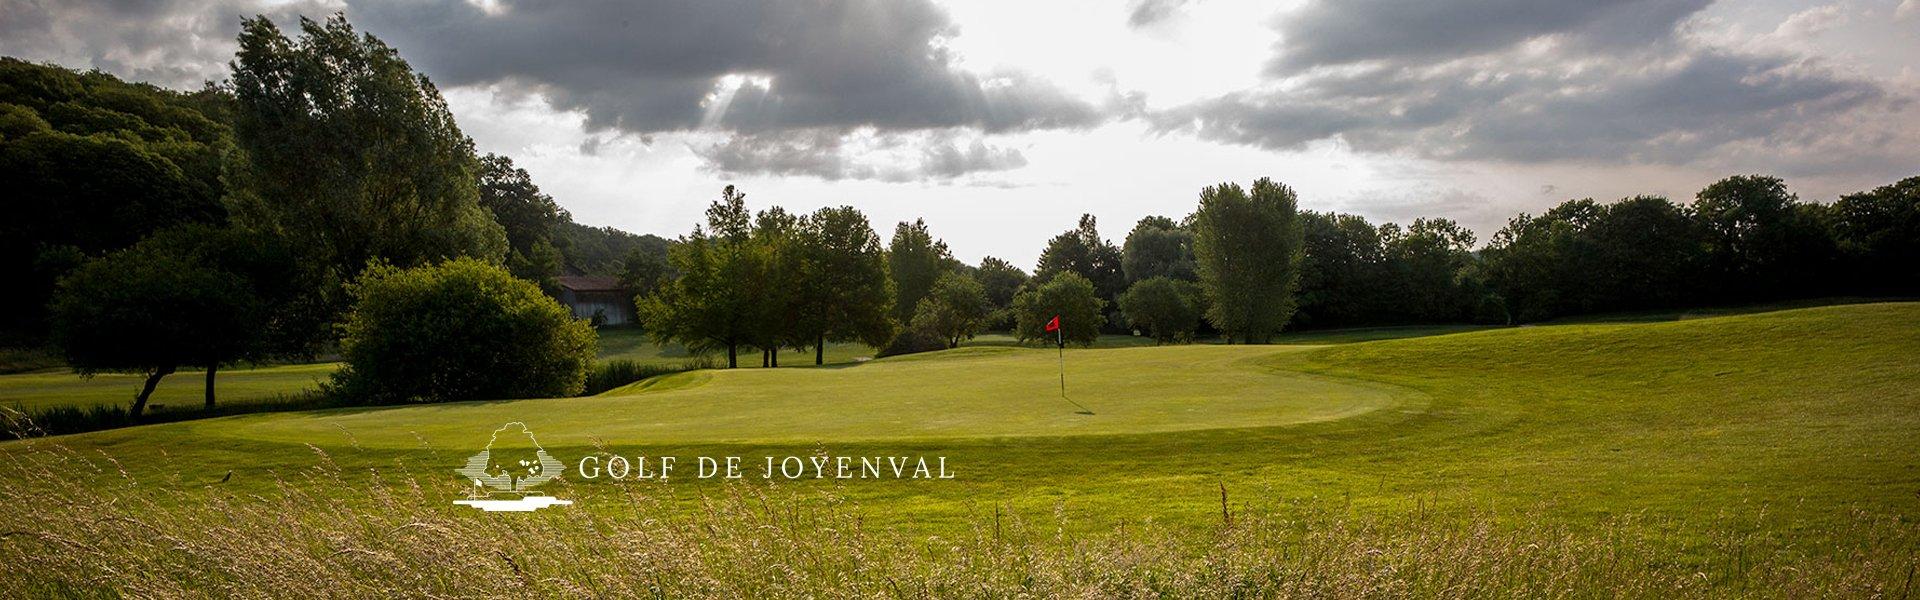 golf-joyenval.jpg